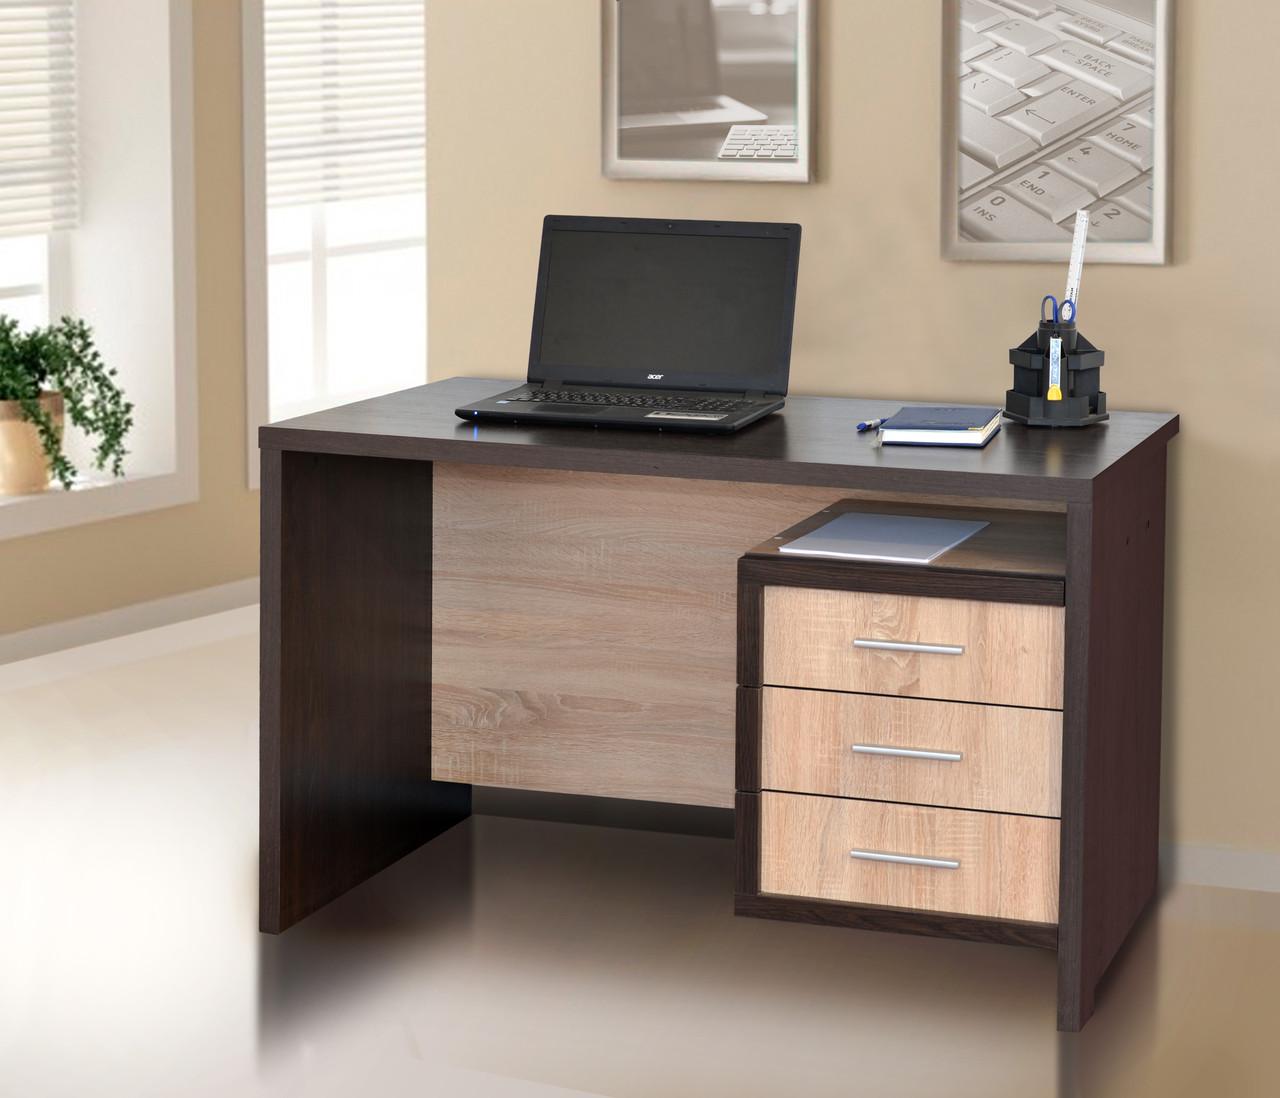 Компьютерный стол Кубик 2 венге/дуб сонома Летро